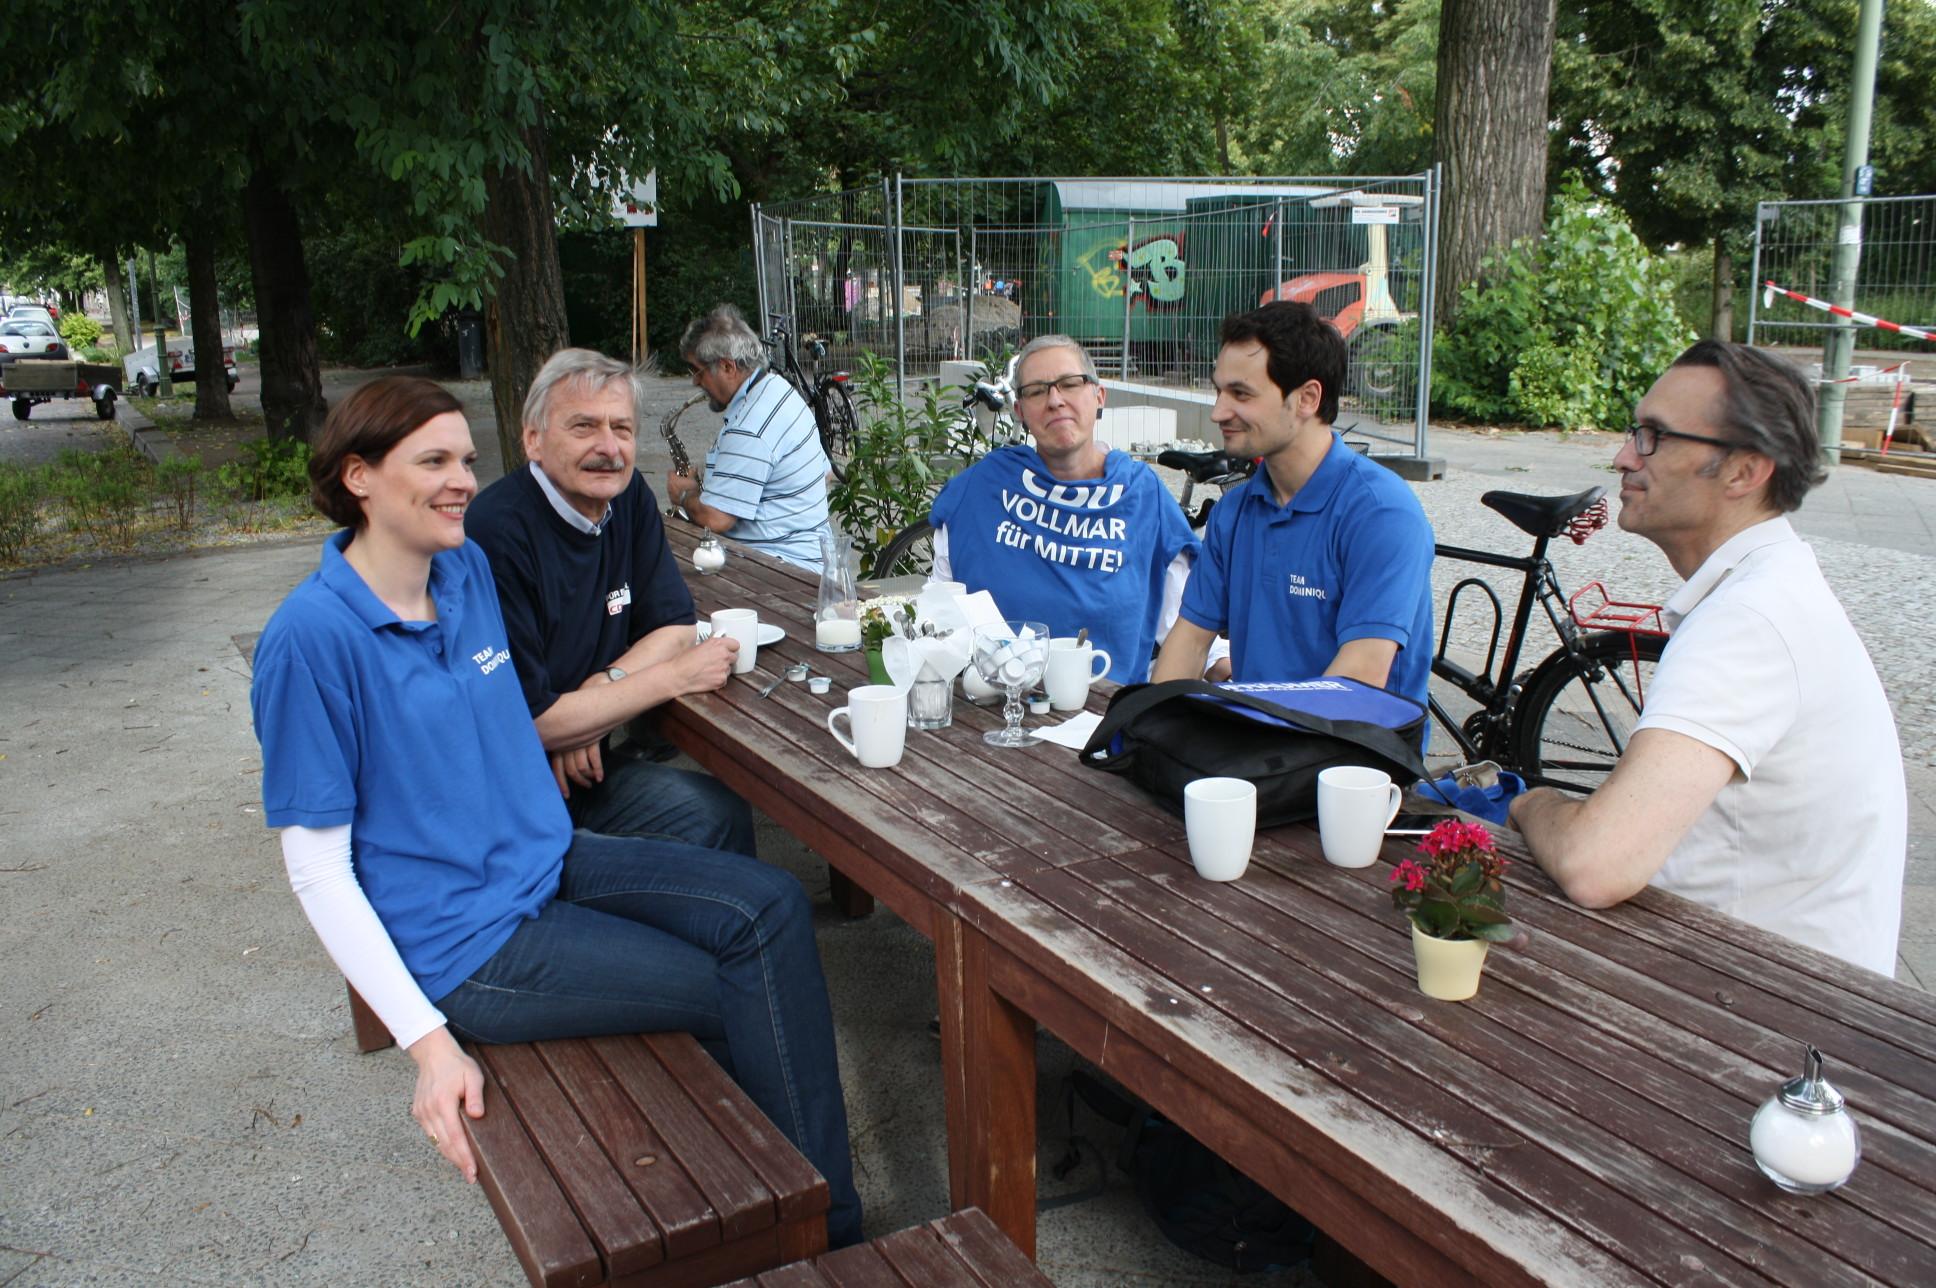 Volker Liepelt mit der Vorsitzenden der Frauen-Union Mitte, Juliane Leinitz-Mierzwar (ganz links), und dem Direktkandidaten im Wahlkreis Mitte 2, Dominique Vollmar (2. von rechts).